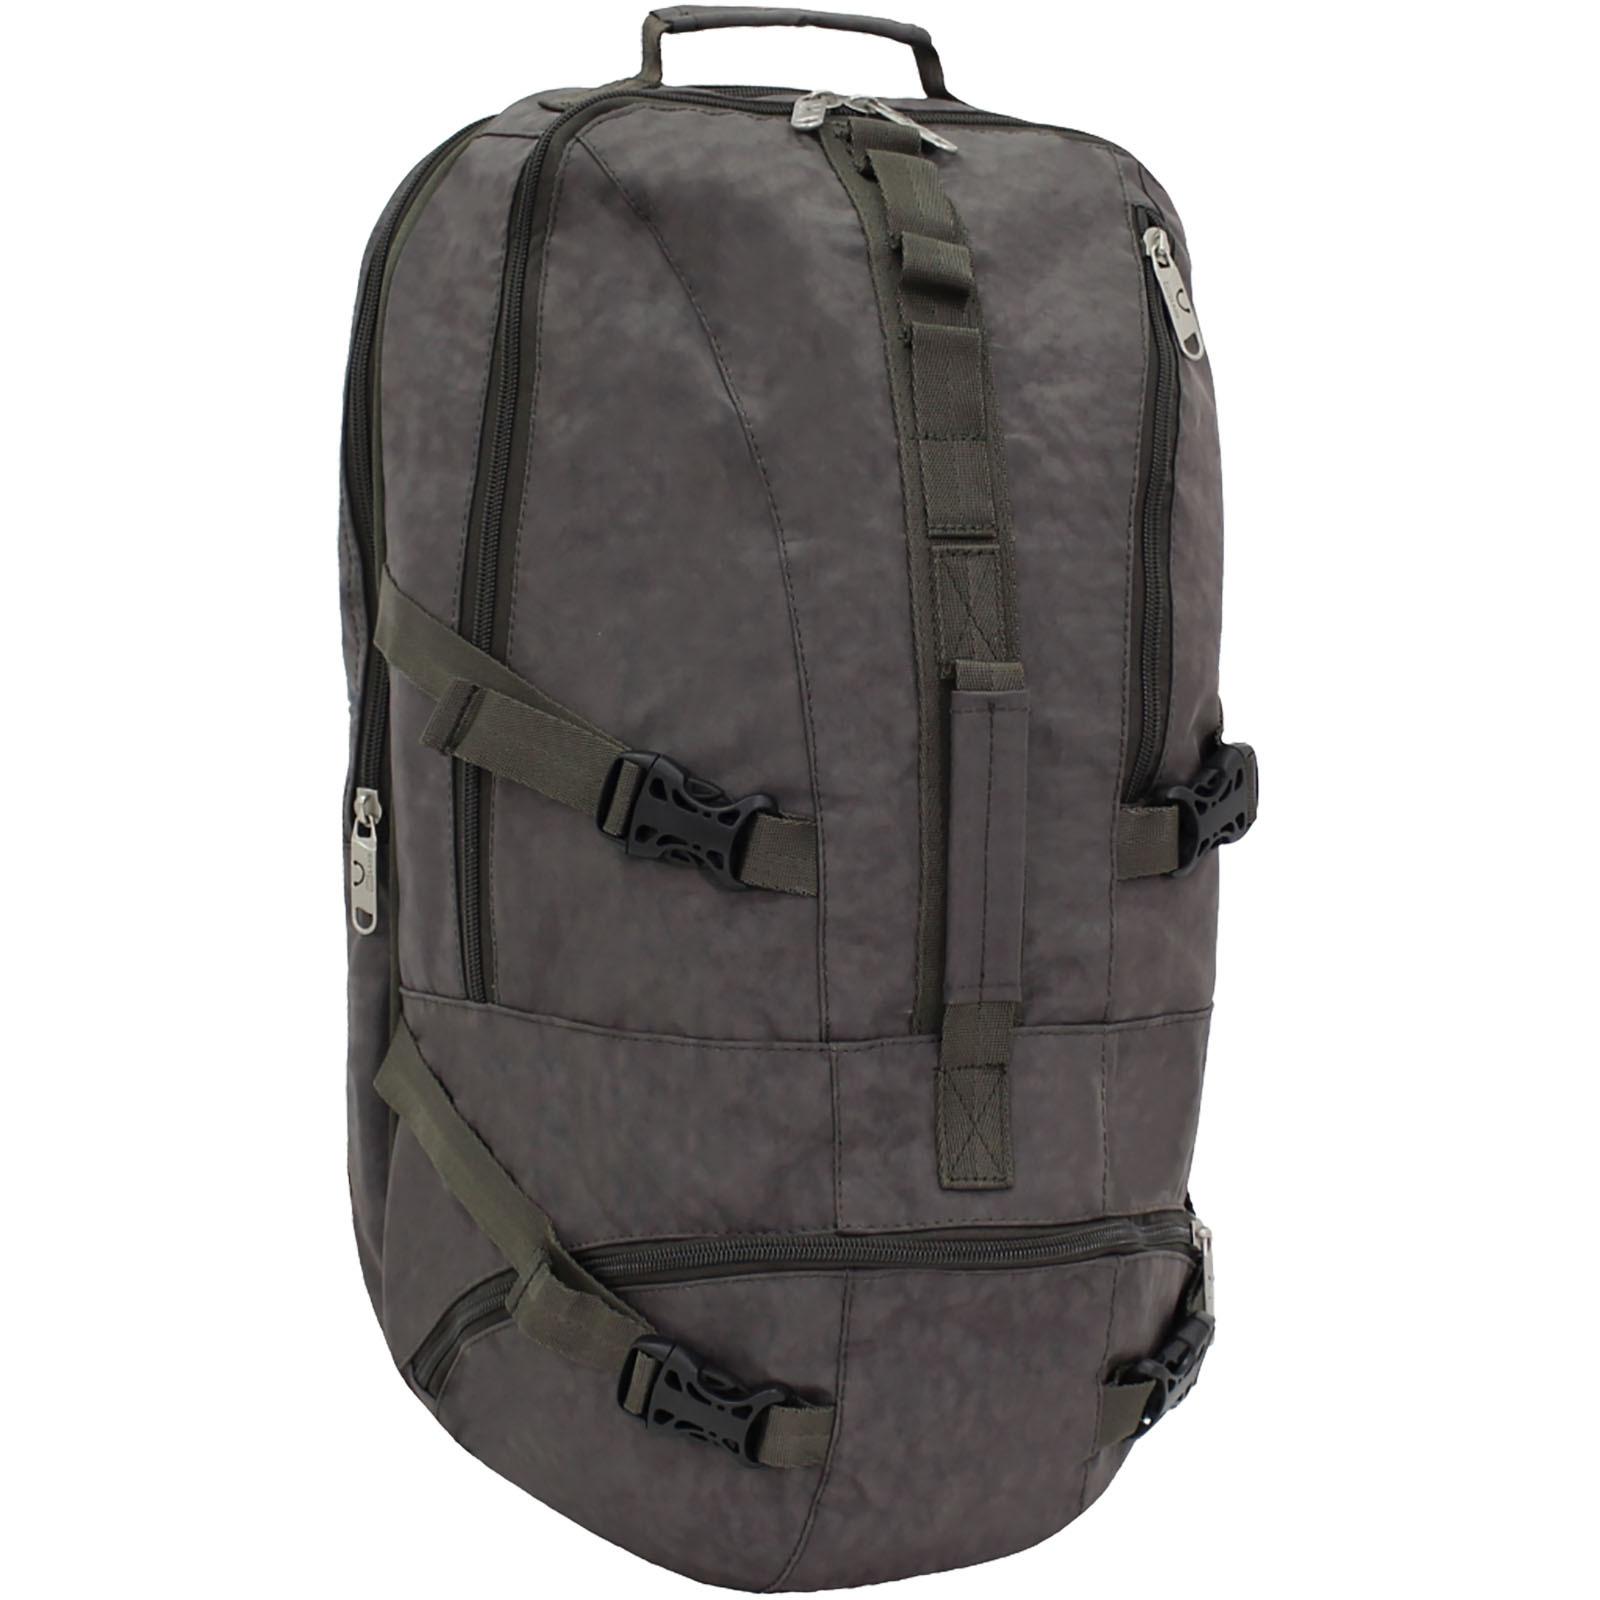 Городские рюкзаки Рюкзак Bagland Пылесос 31 л. Хаки (0011470) b169037388372dcbd818fd7b24c23062.JPG